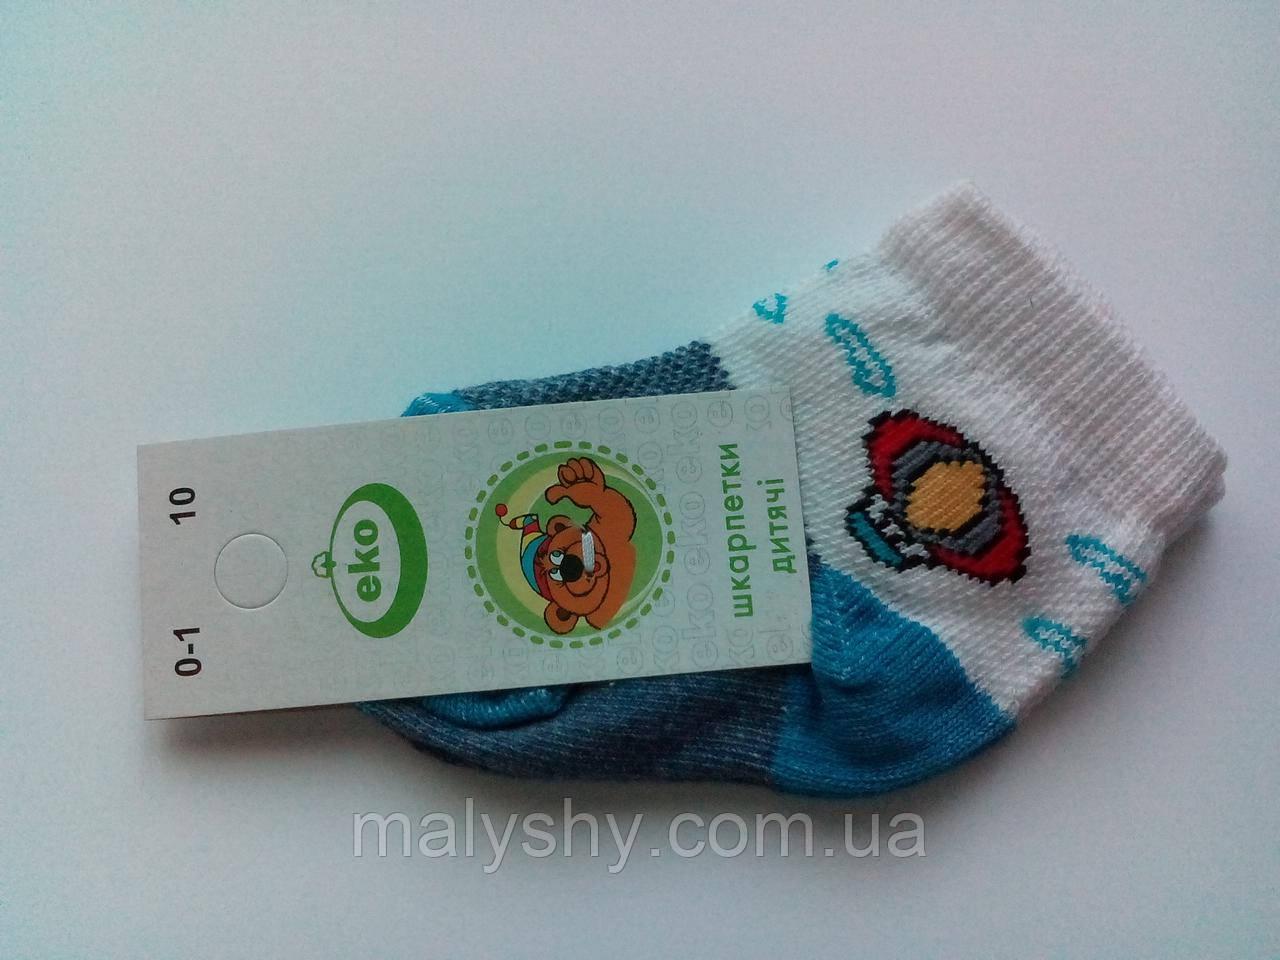 Детские носки демисезонные - Эко 4131 р.10 (шкарпетки дитячі, Еко)